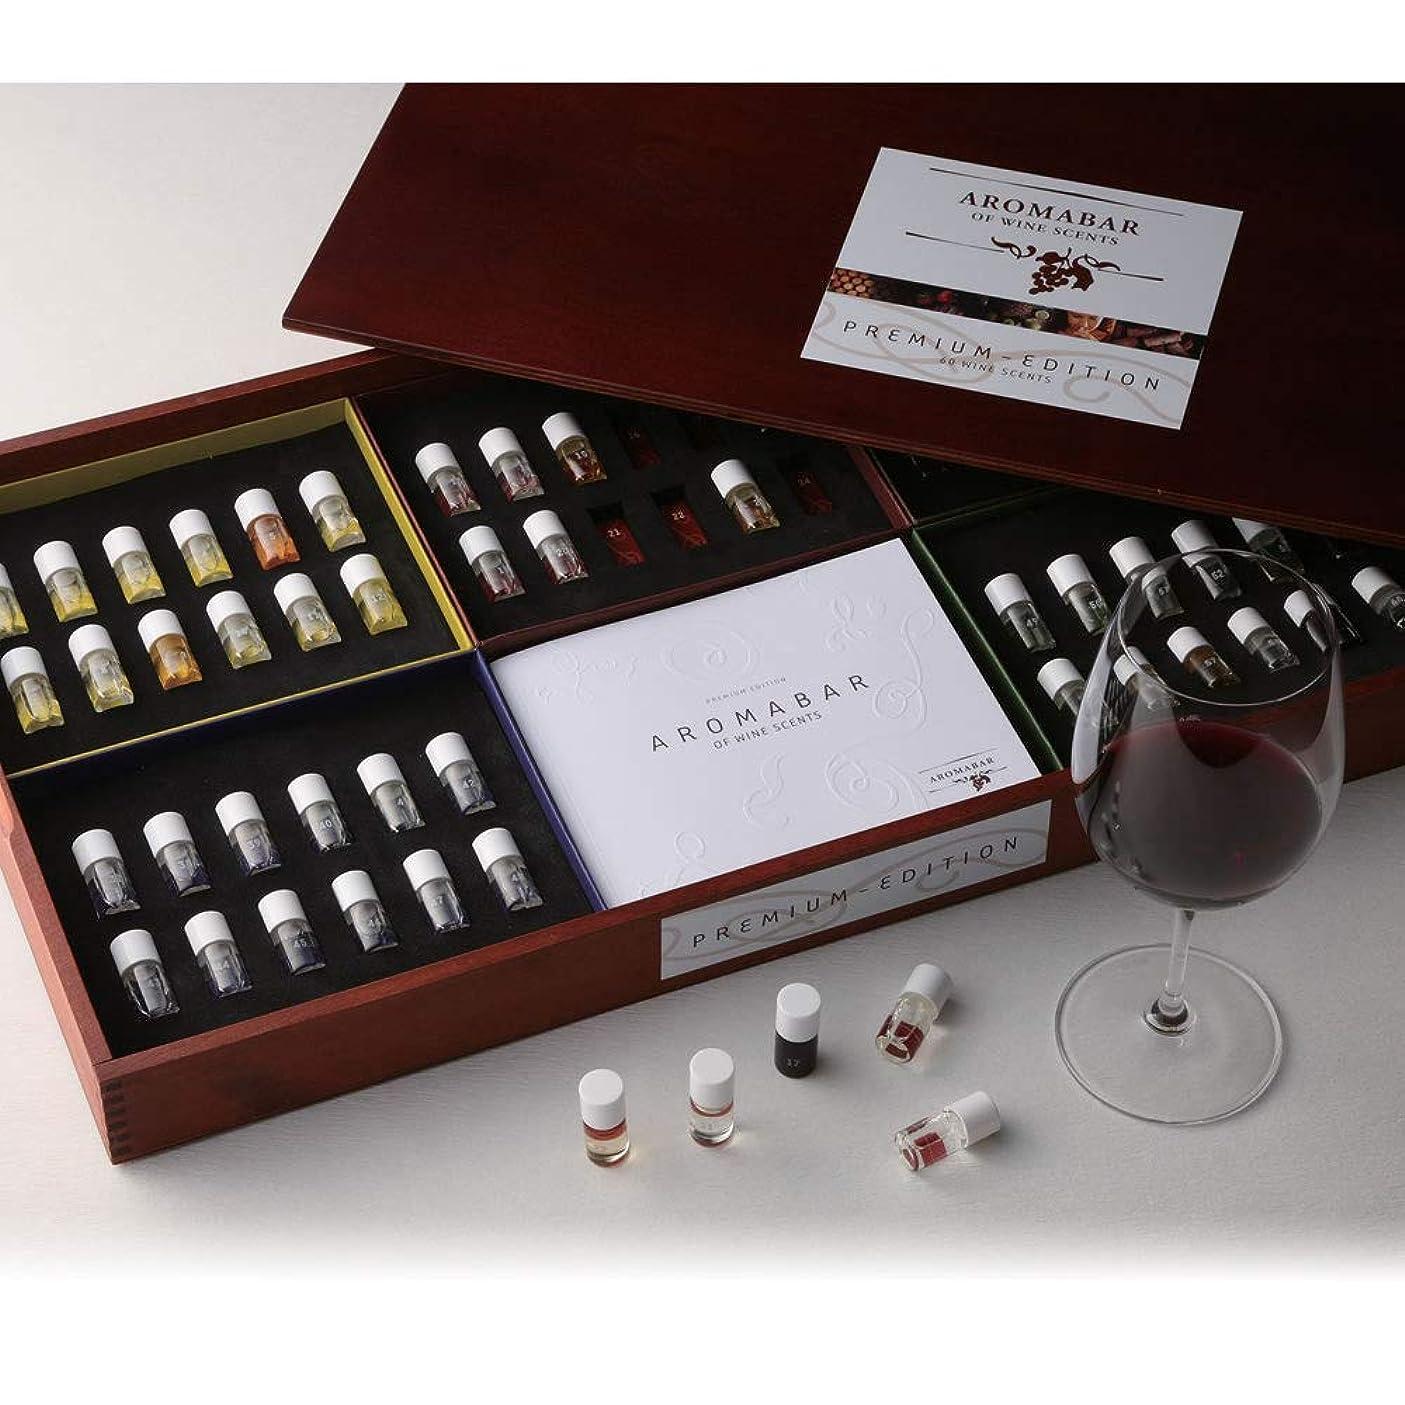 発掘するキャラクタースクラップ送料無料 グローバル アロマバー プレミアム60種 ワイン テイスティング ソムリエ レッスン 香り